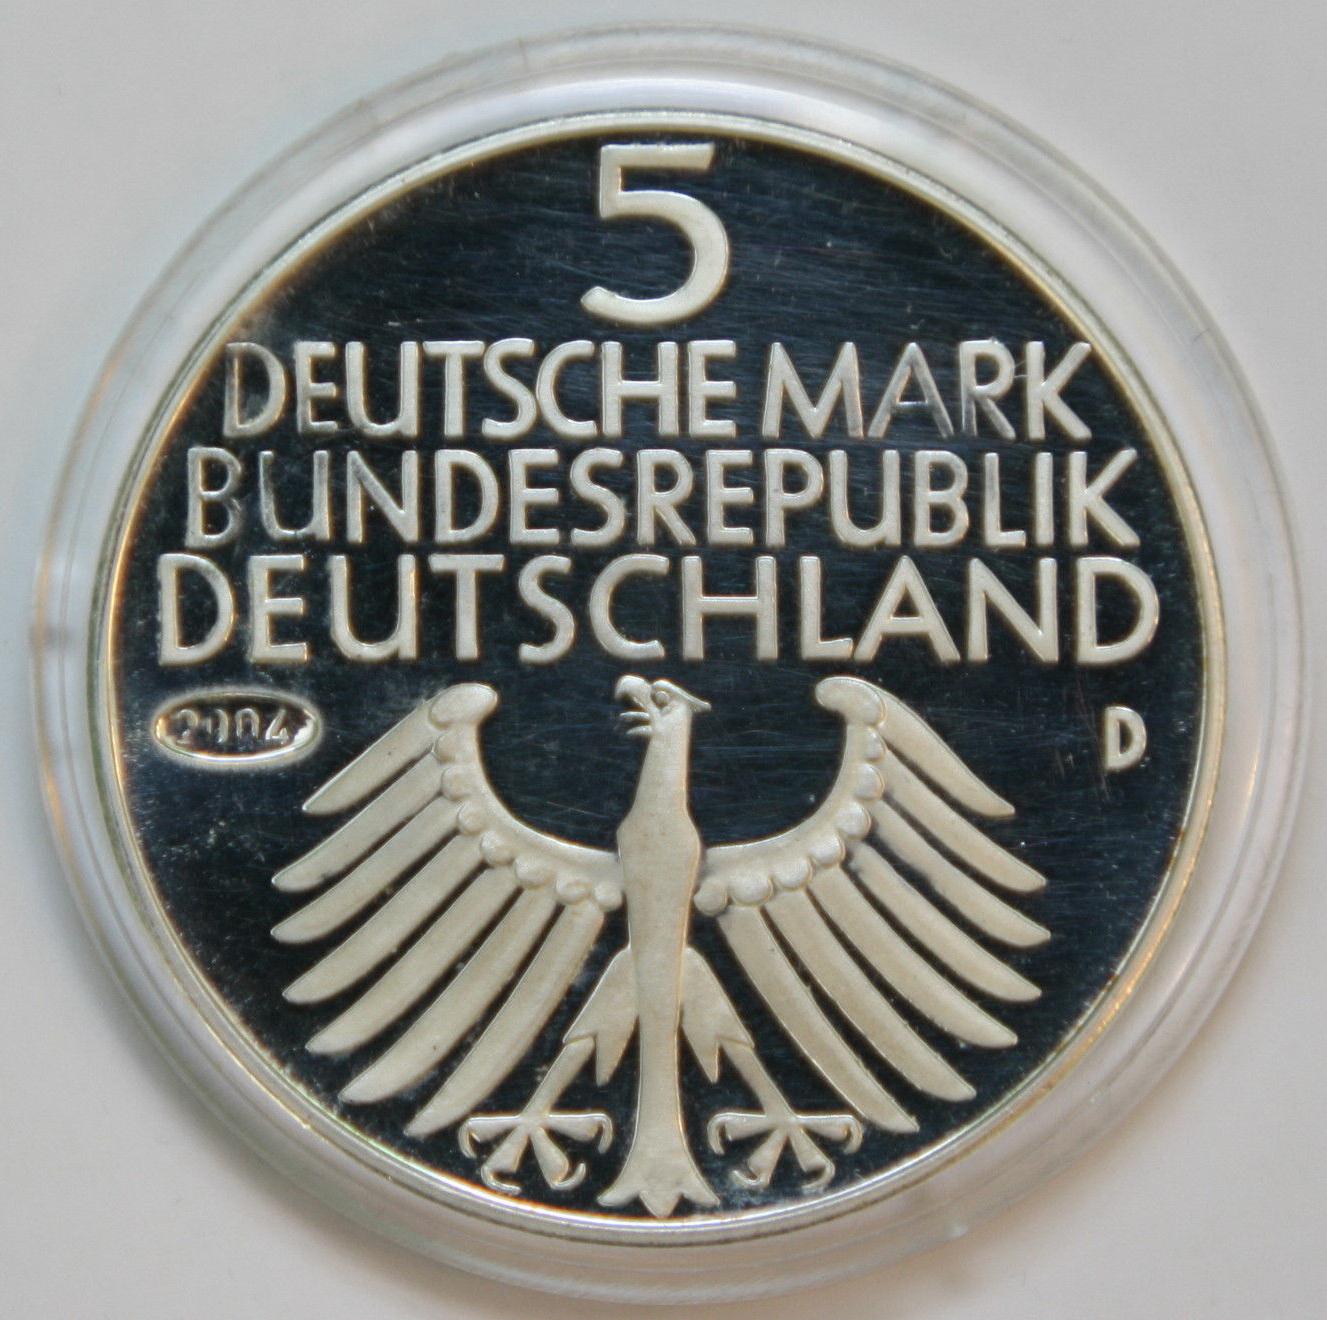 Germanisches Museum Medaille in Polierter Platte als Silberunze ist kein Original